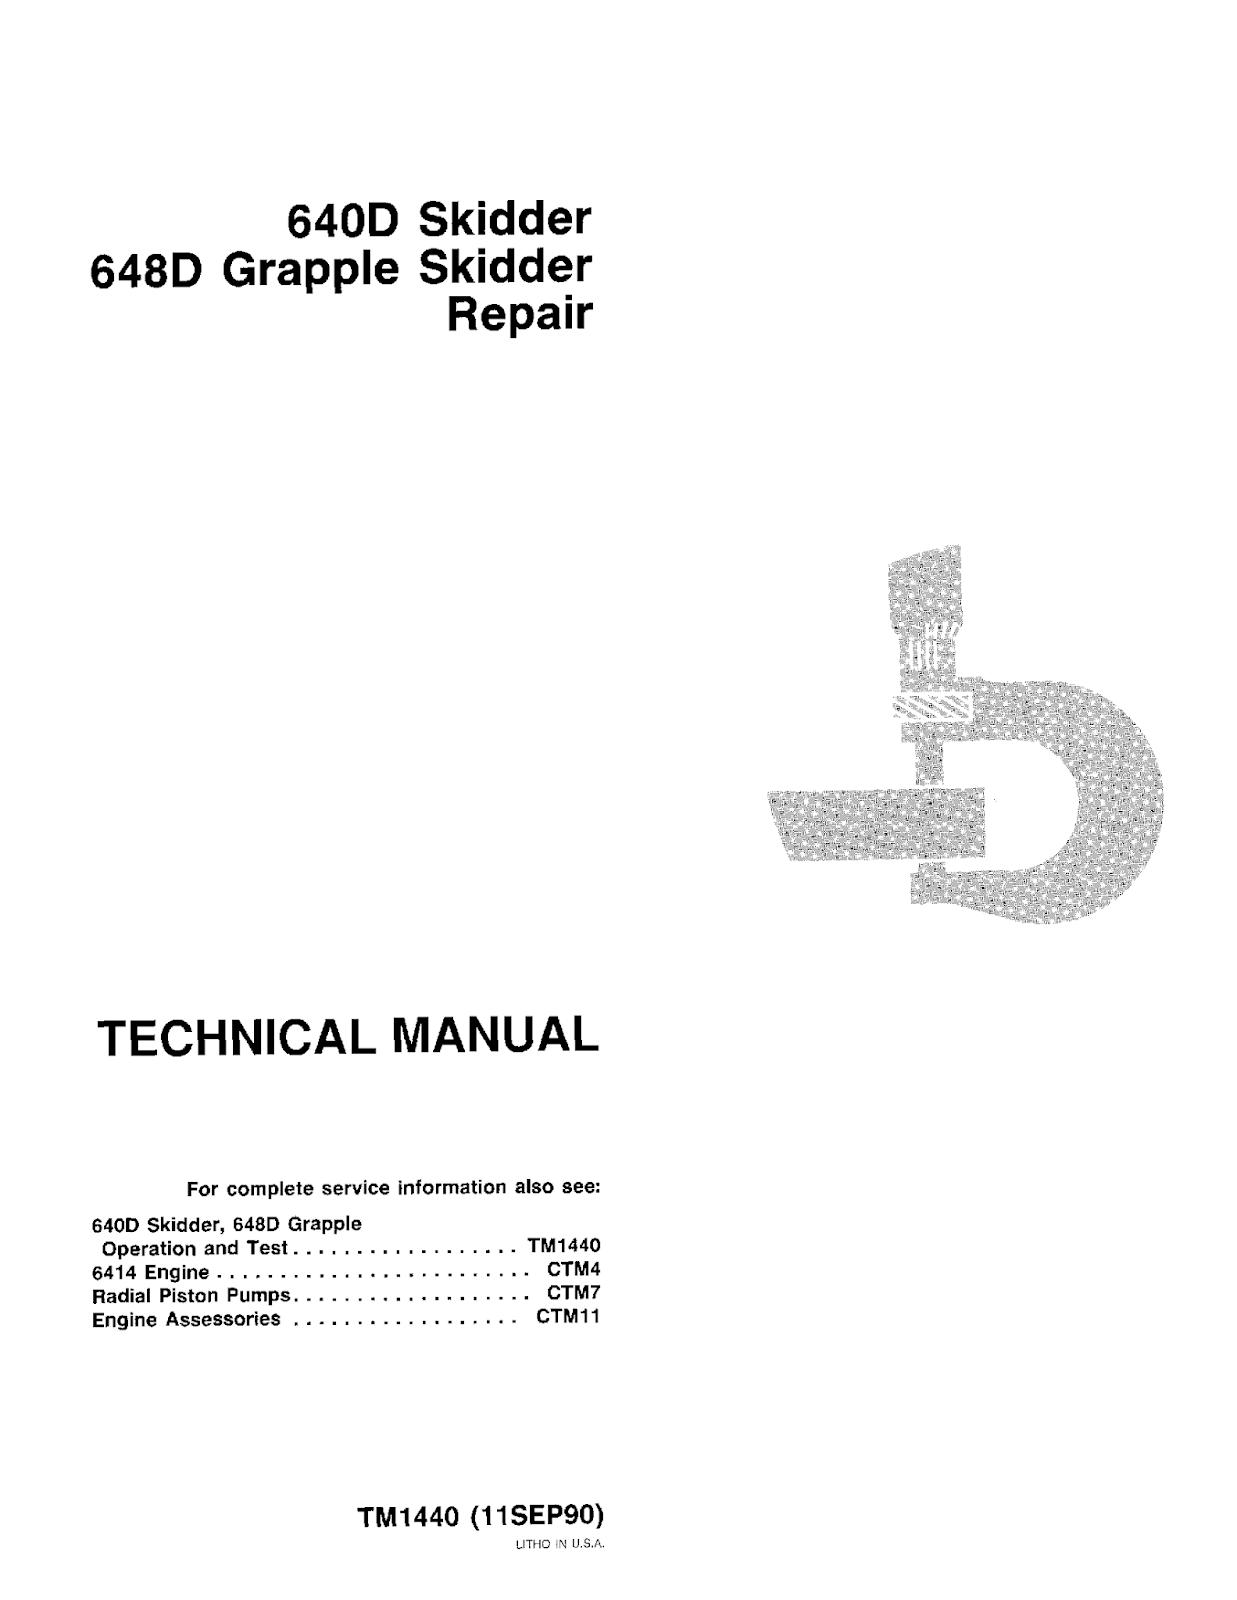 John Deere 640d Skidder And 648d Grapple Skidder Technical